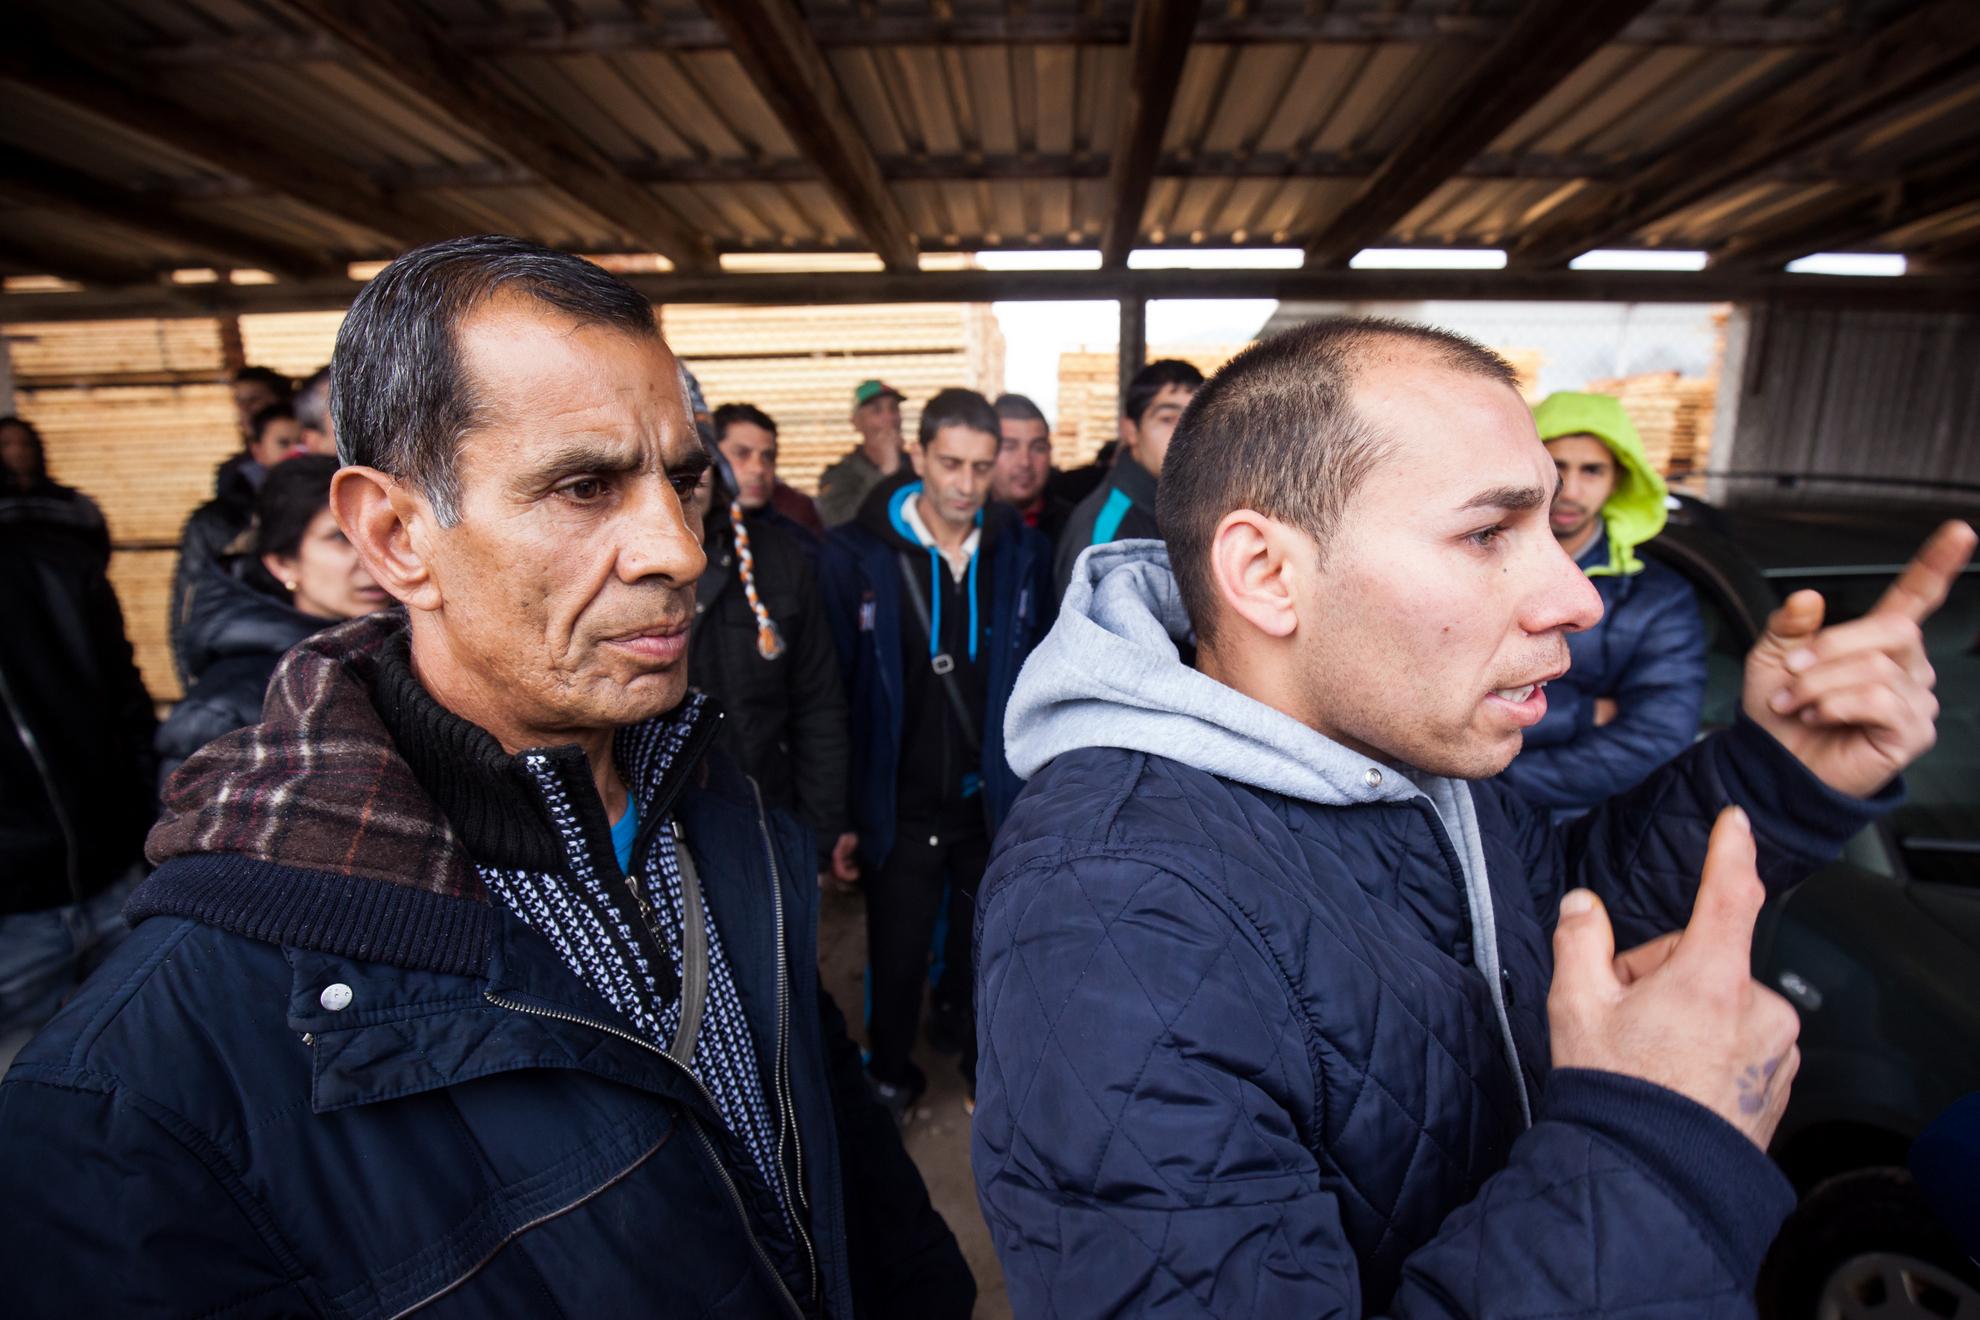 21. 03. 2016 Lož. Migrantski delavci v lesarstvu iz podružnice Marof trade naj že dva meseca ne bi dobili plače. Pohod do poslopja Gozdnega gospodarstva Postojna